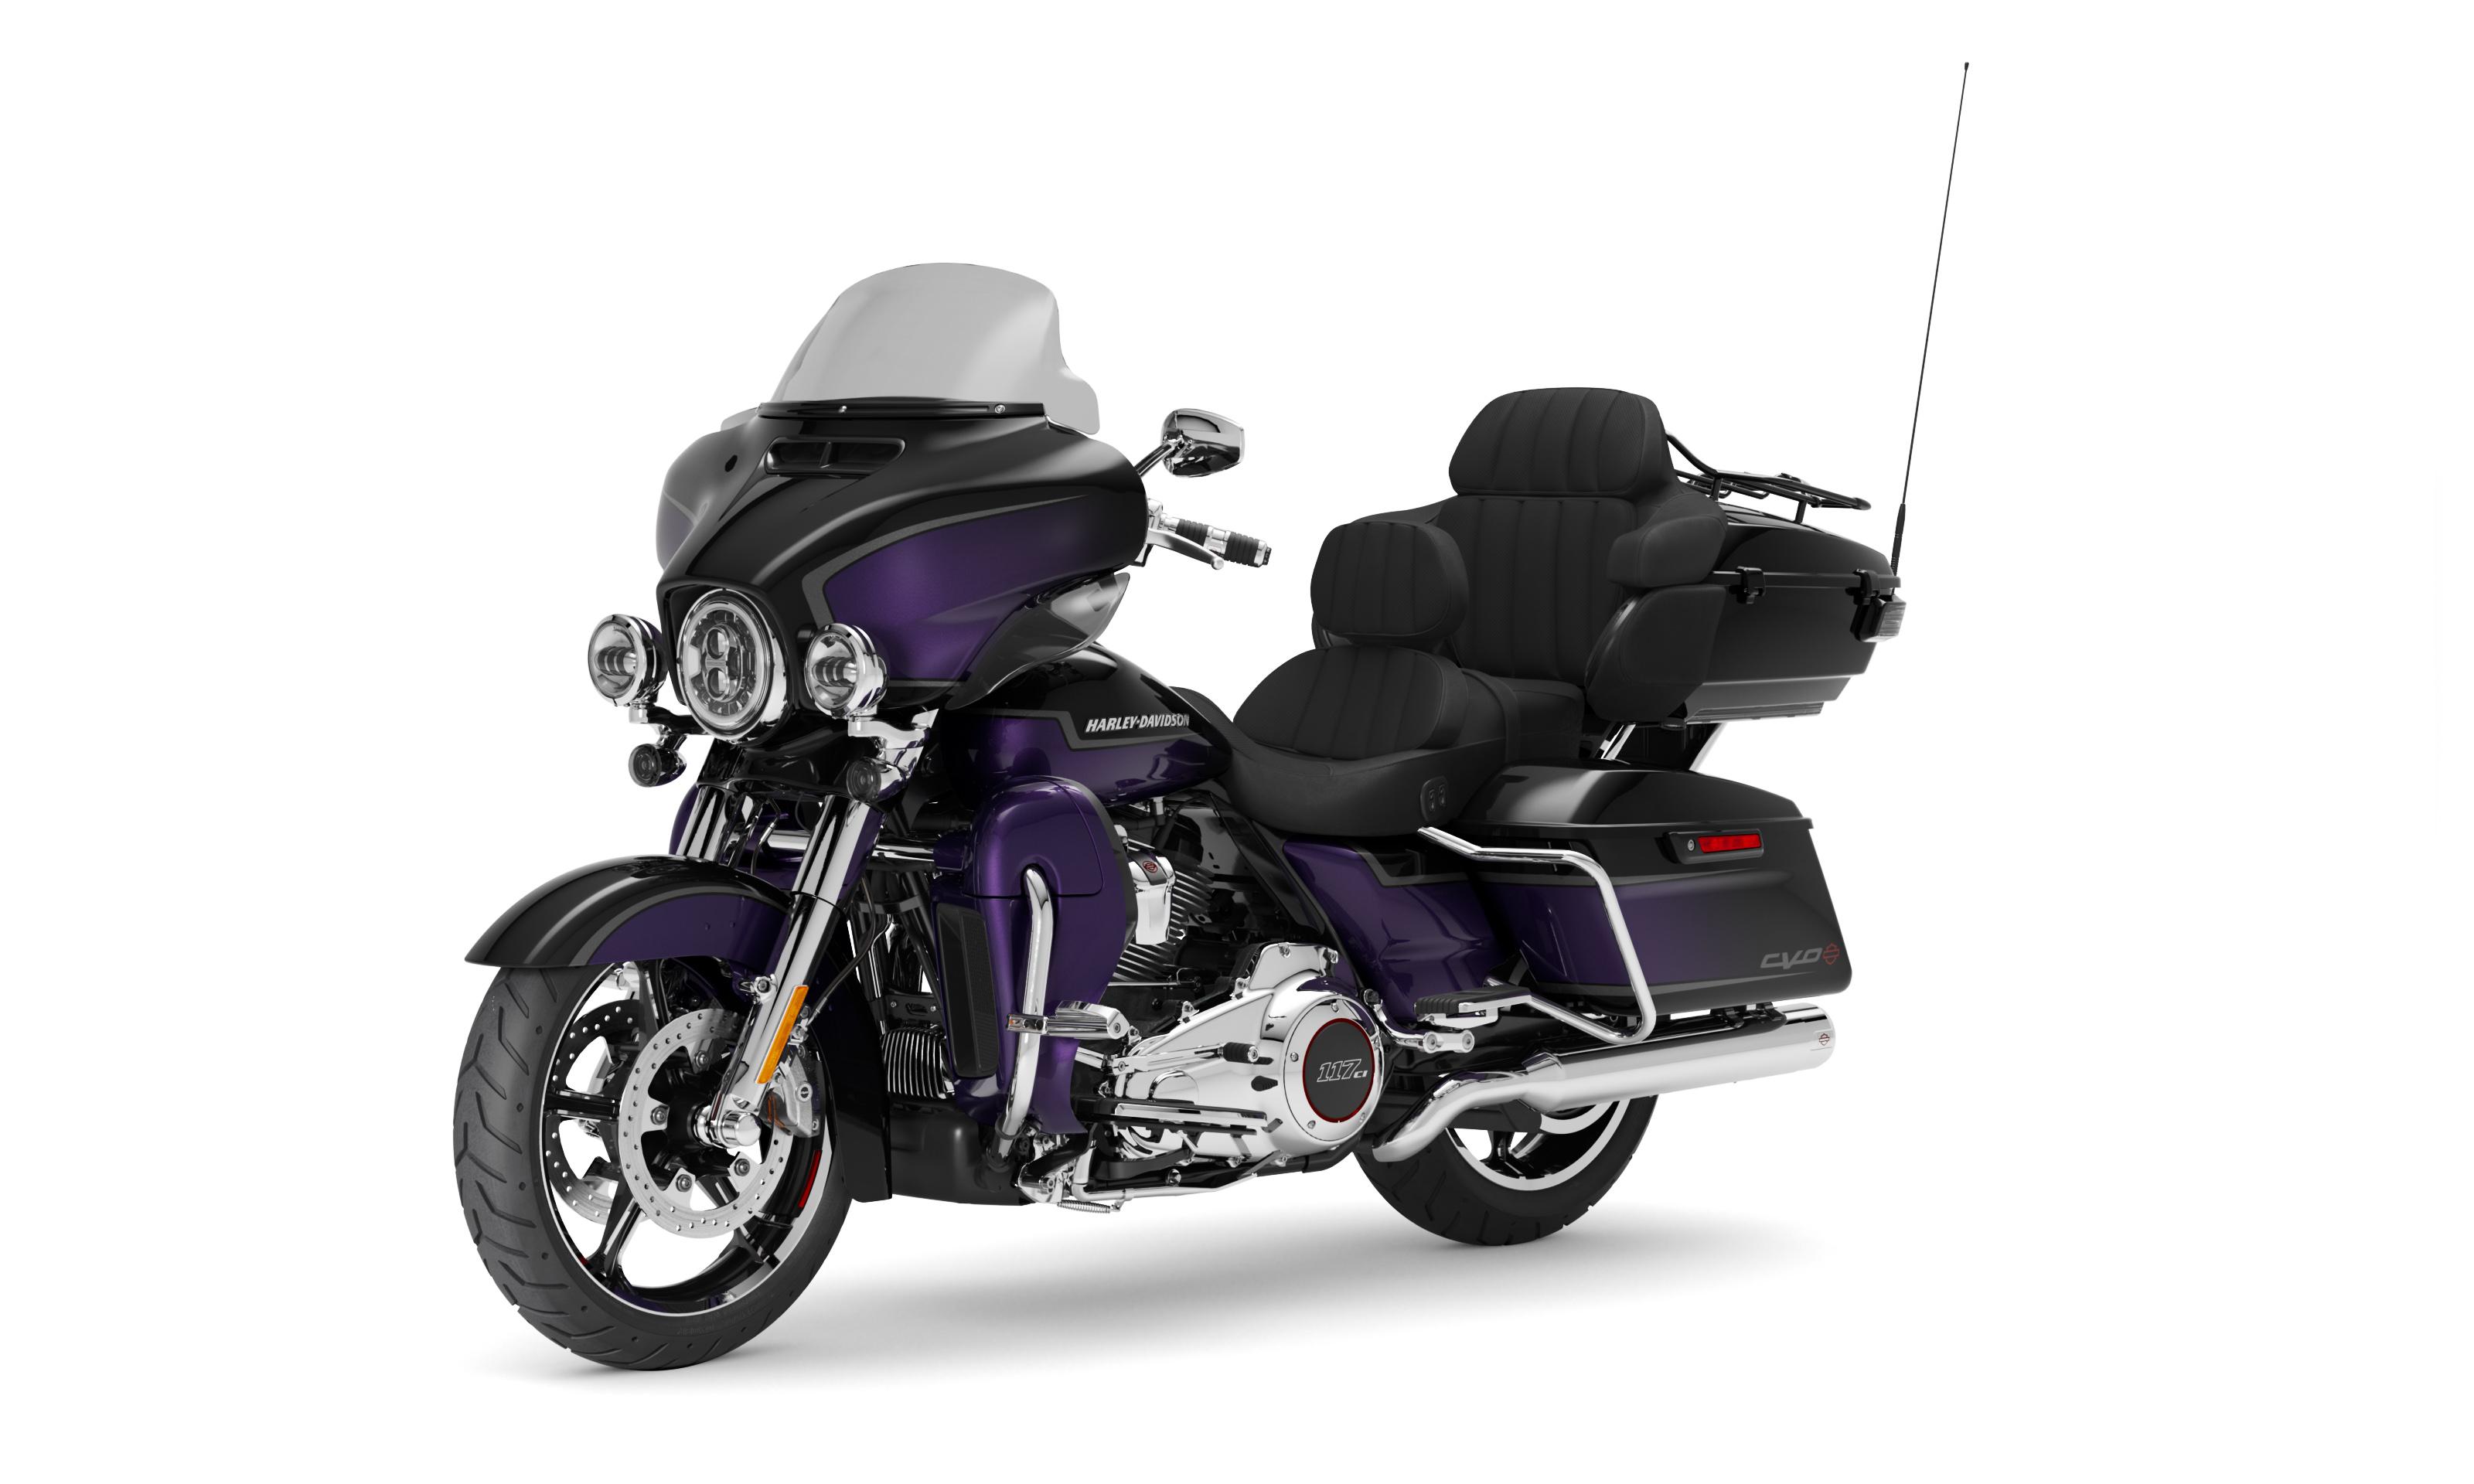 Motocicleta Cvo Limited 2021 Harley Davidson Brasil